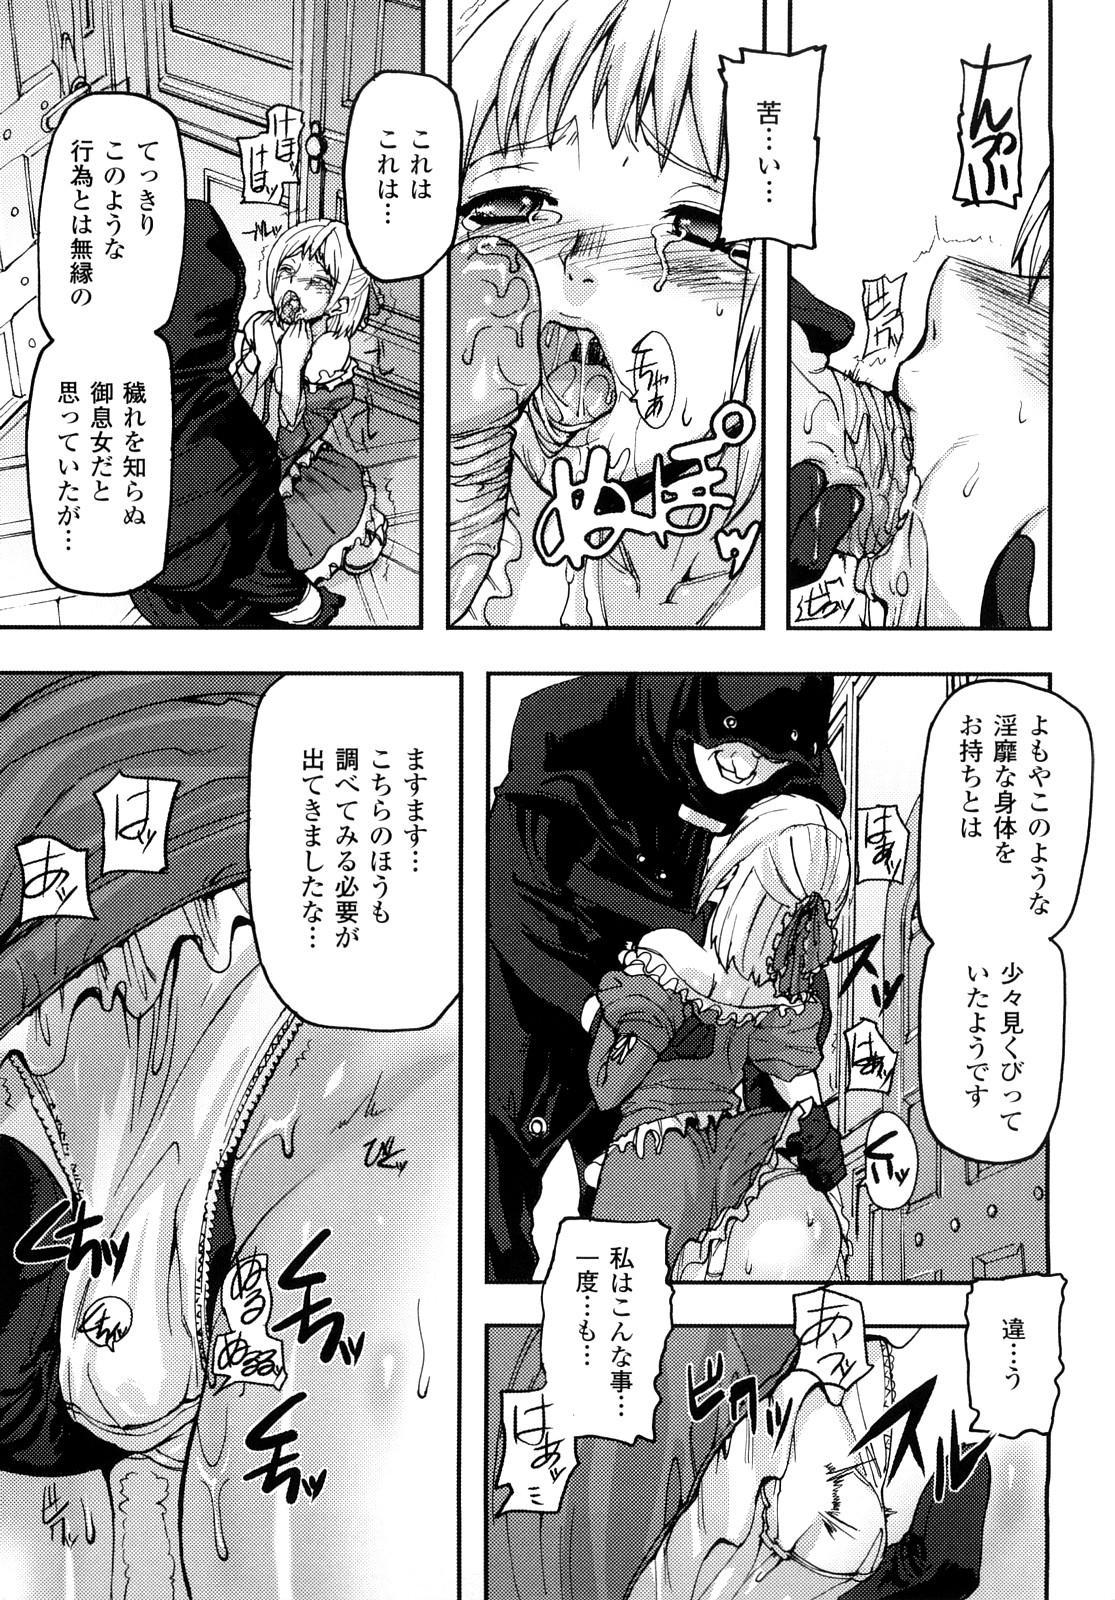 Cerberum no Hitsugi Haitoku no Hanmegami - The Coffin of Cerebrum Immoral Demivenus 151